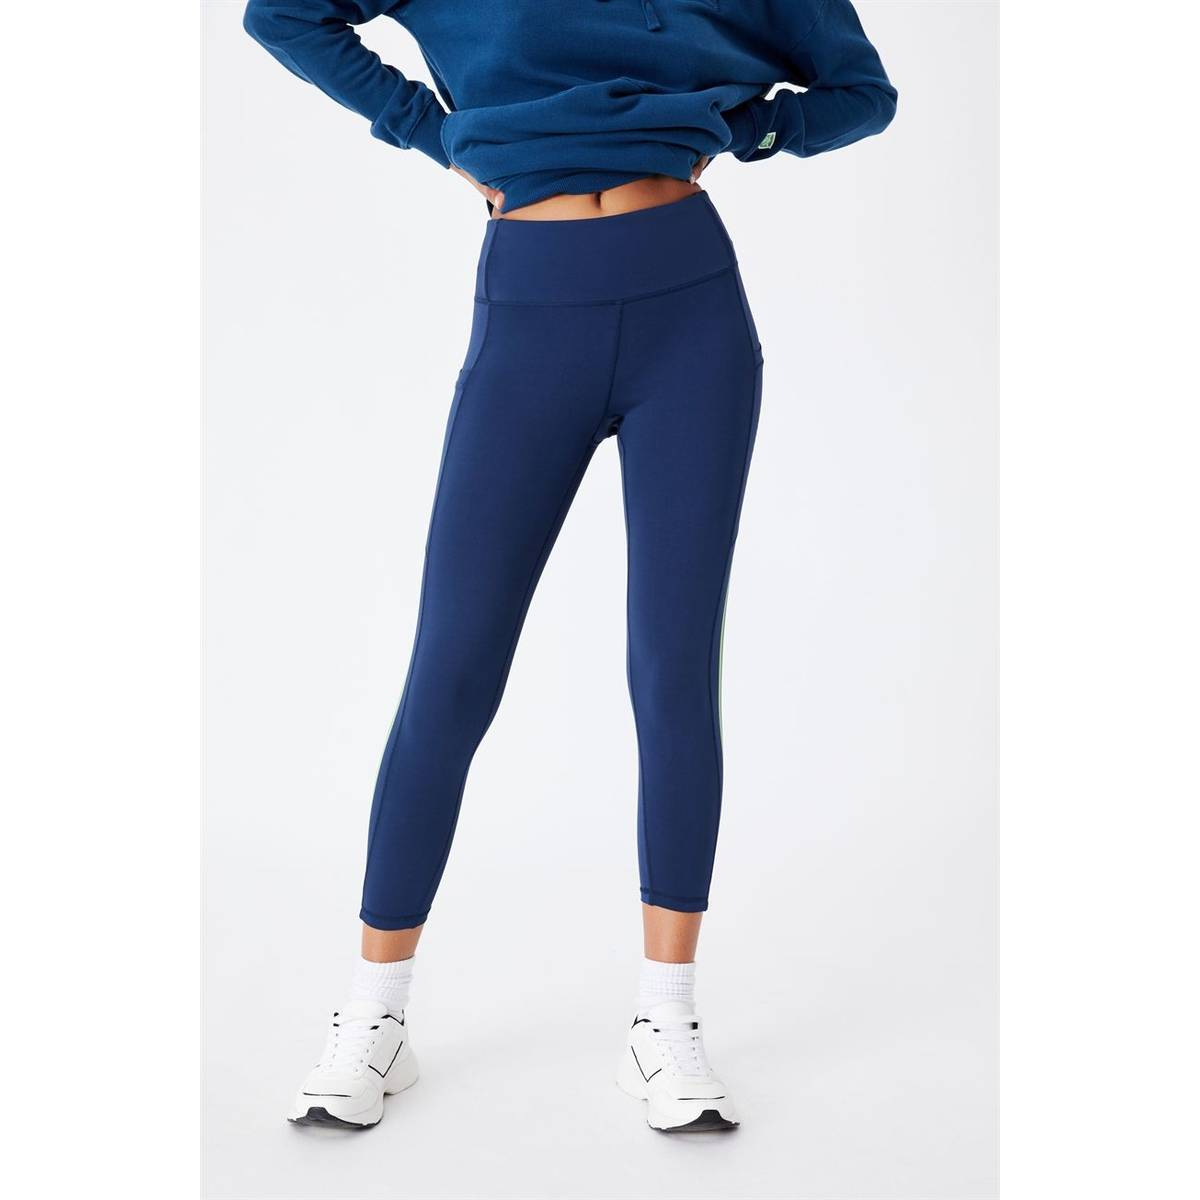 NRL Womens Pocket Tights2